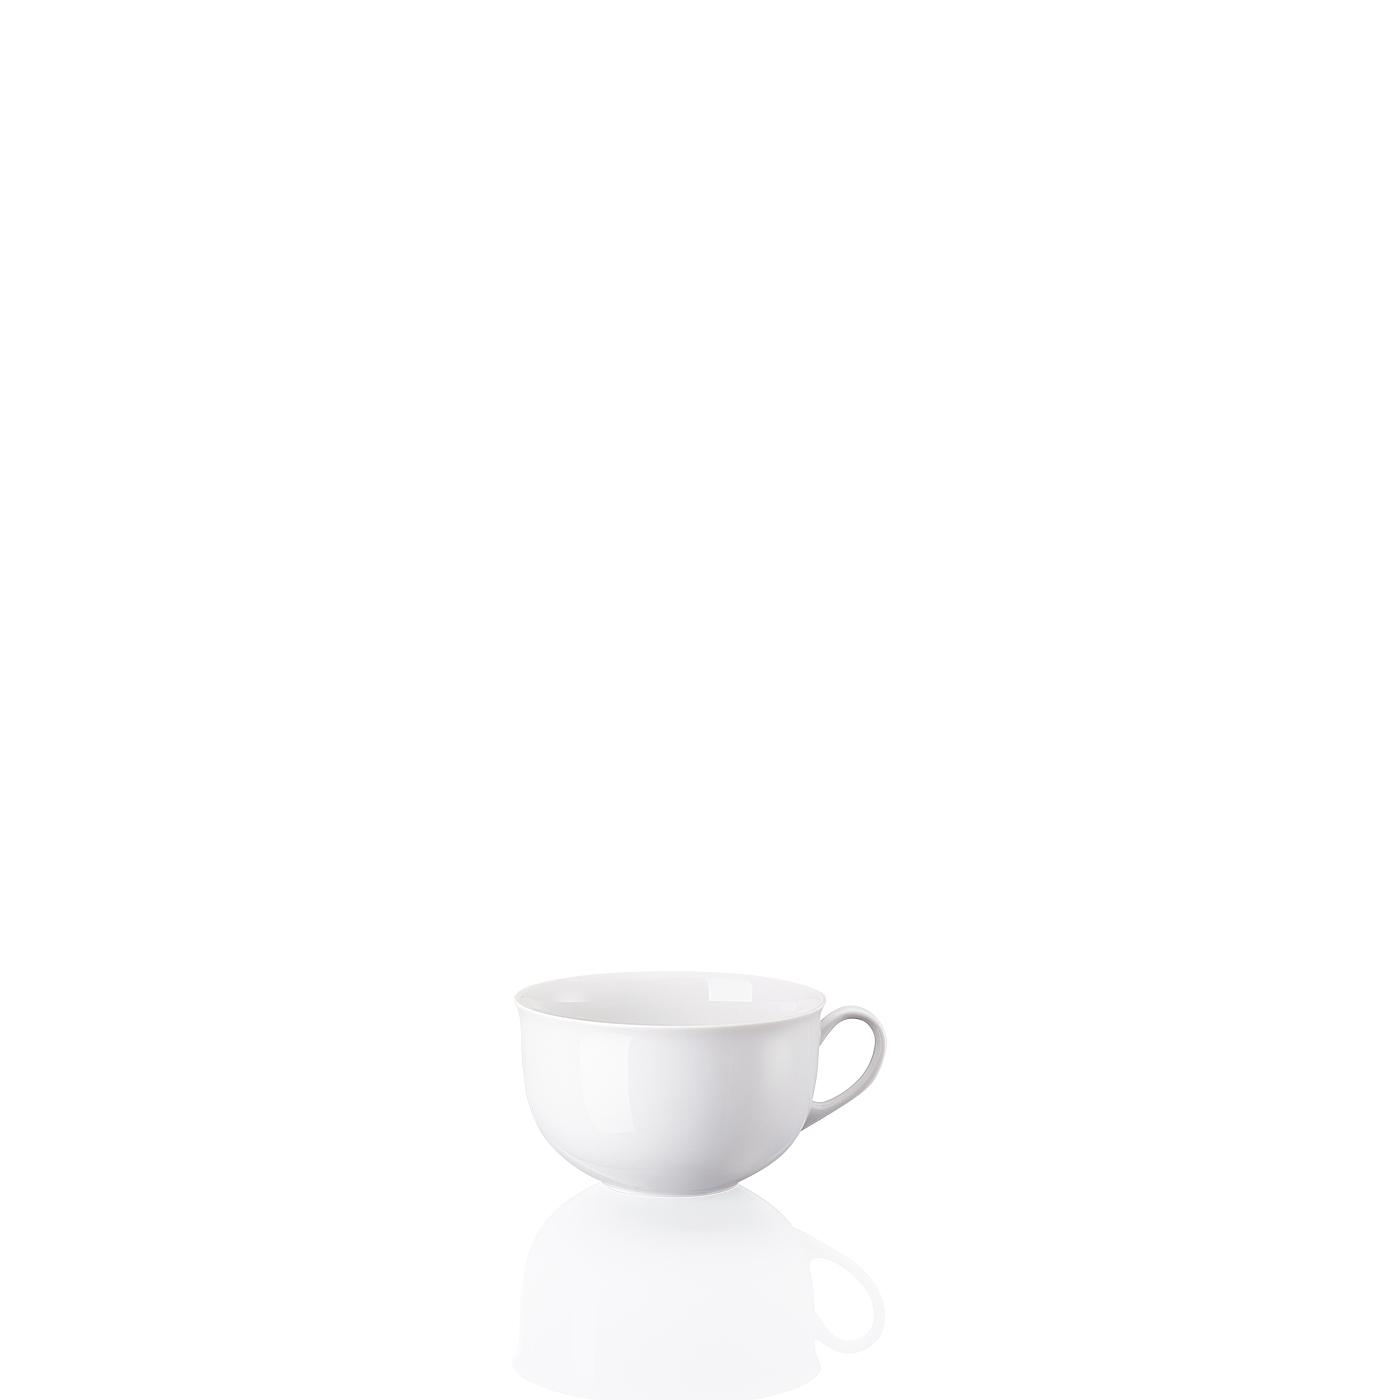 Café au Lait Obertasse Form 1382 Weiss Arzberg